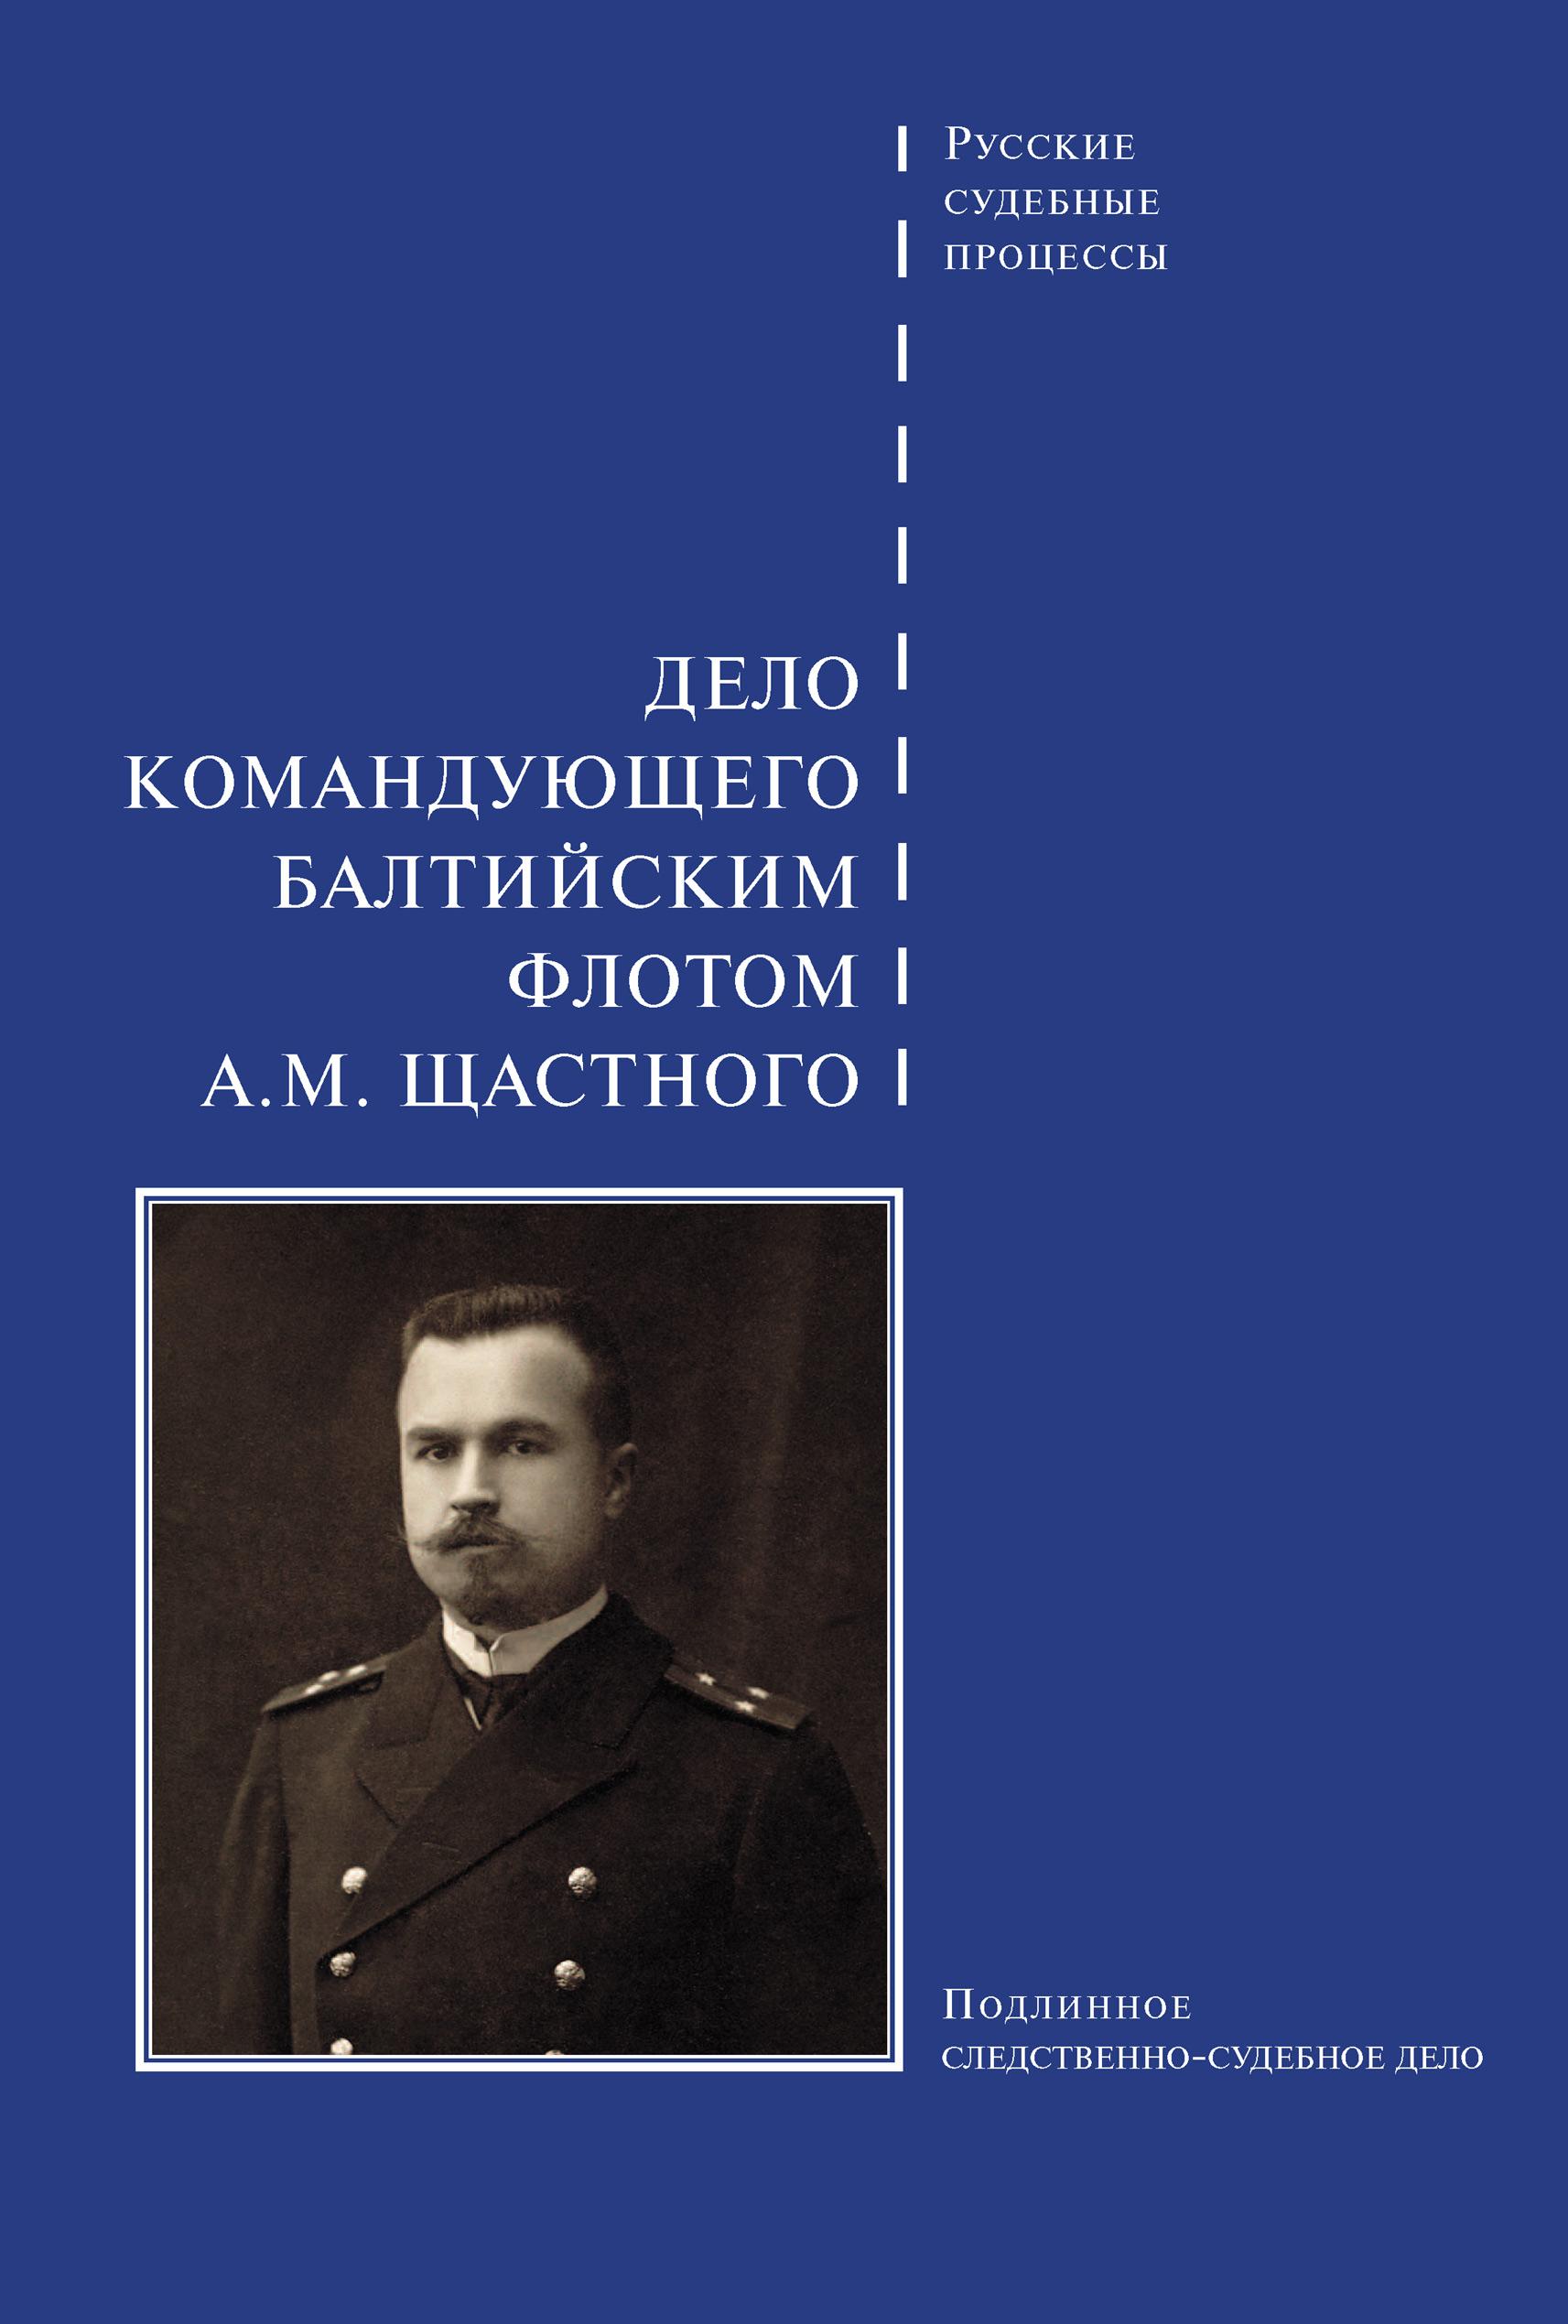 delo komanduyushchego baltiyskim flotom a m shchastnogo